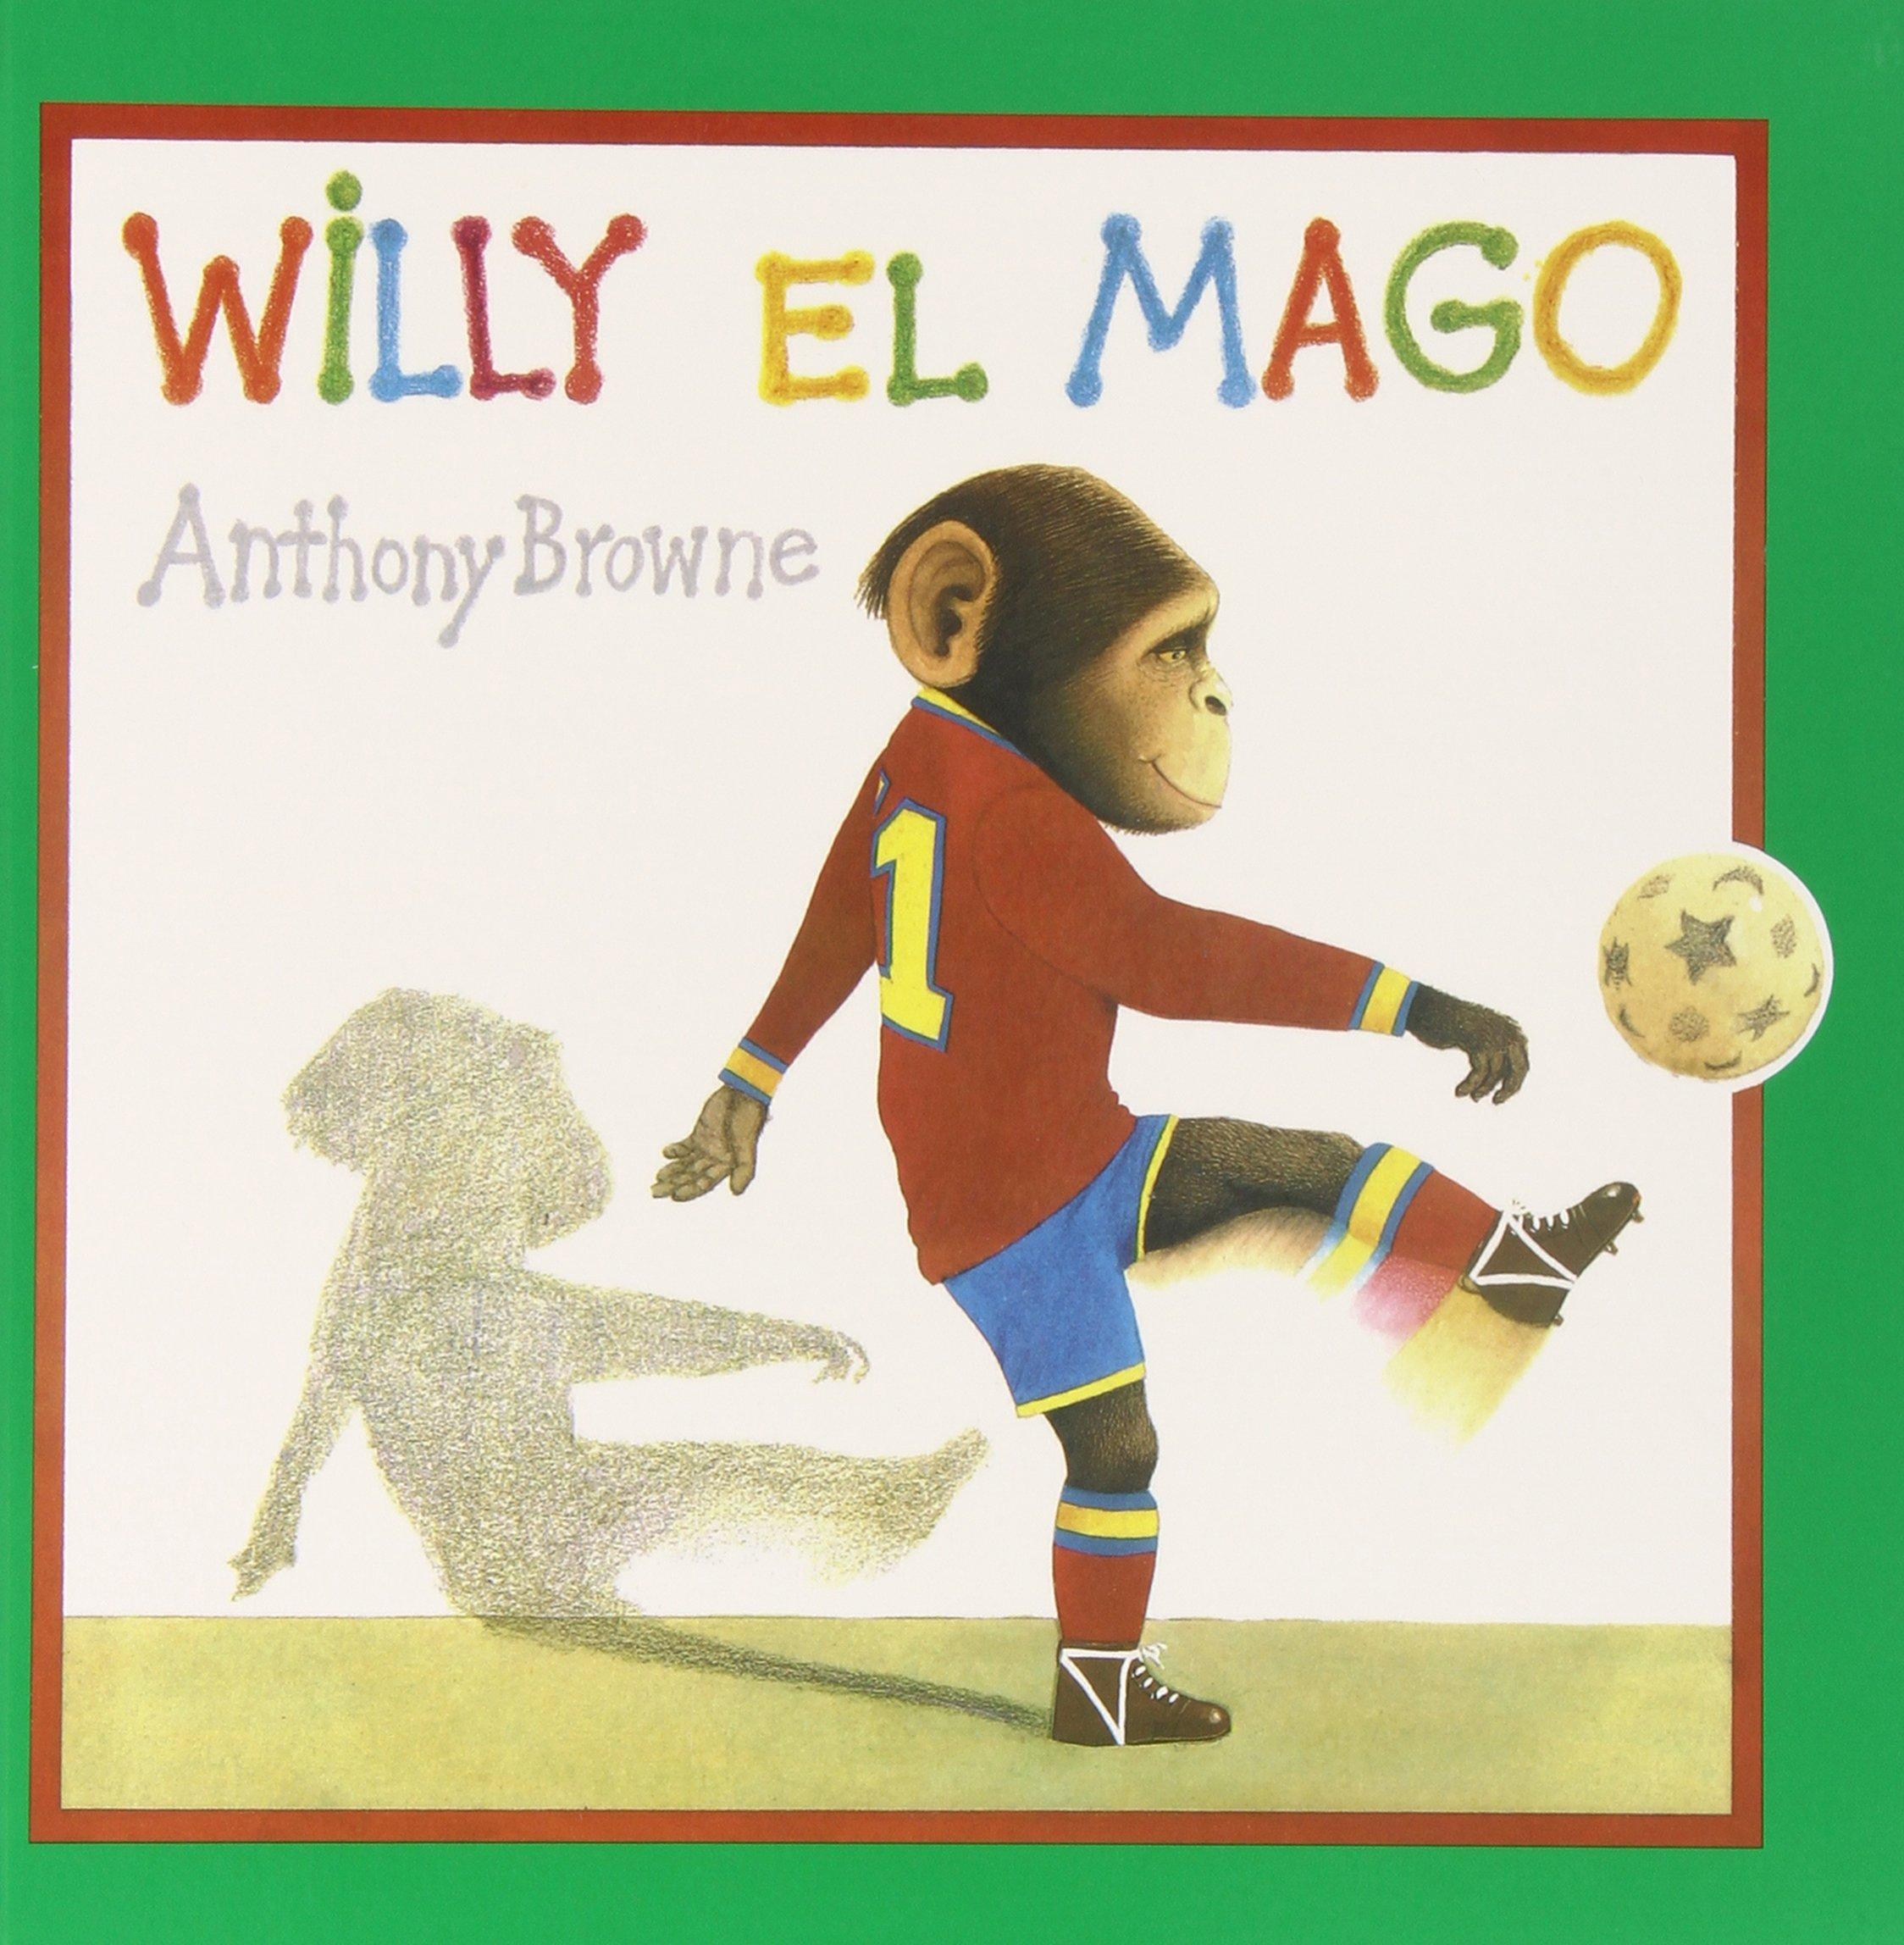 Willy el mago: Amazon.es: Browne, Anthony: Libros